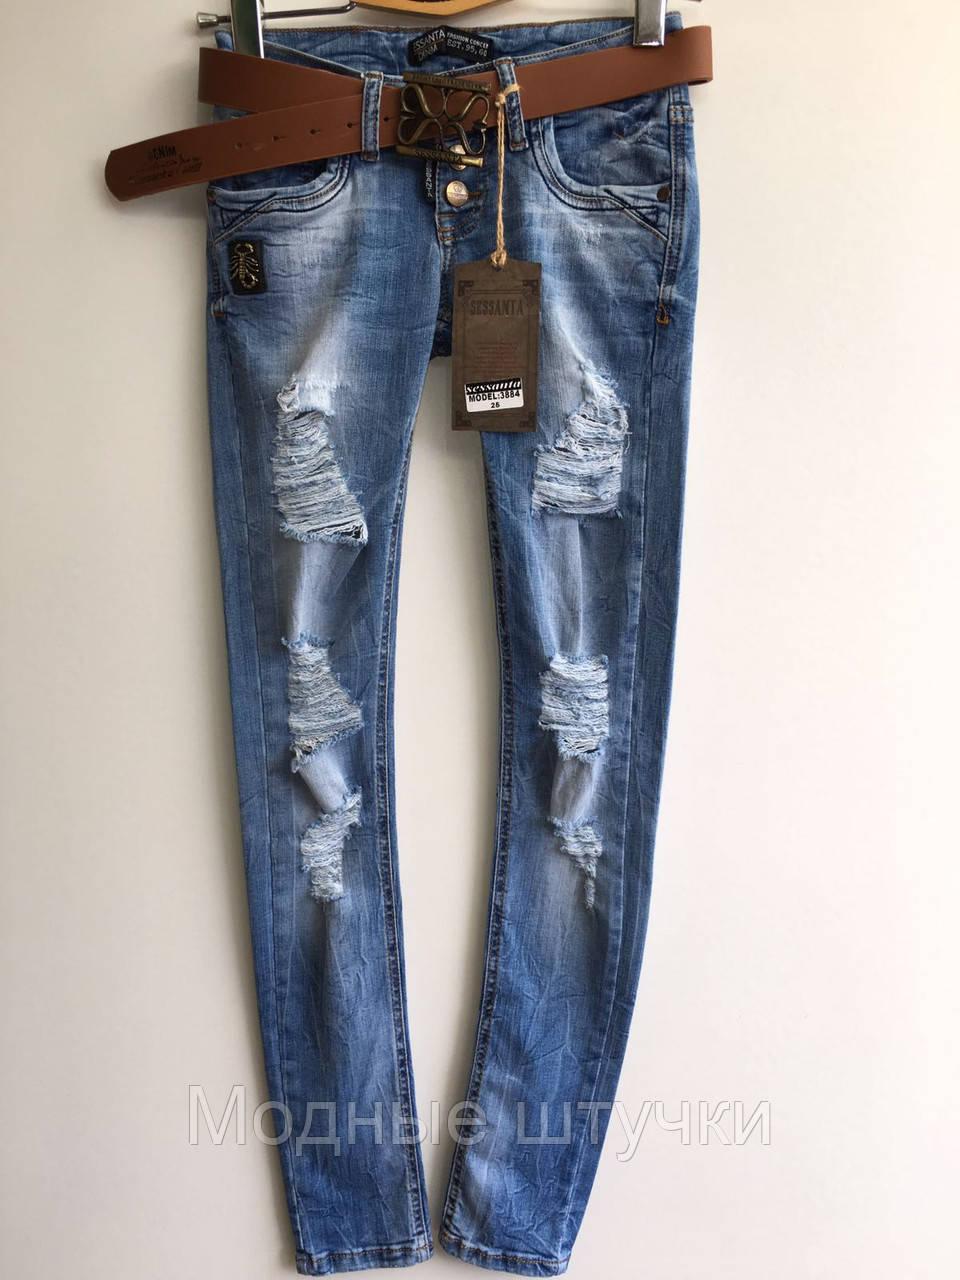 ae54f15d21a Рваные джинсы женские варенка Sessanta 3884 - Модные штучки в Николаеве